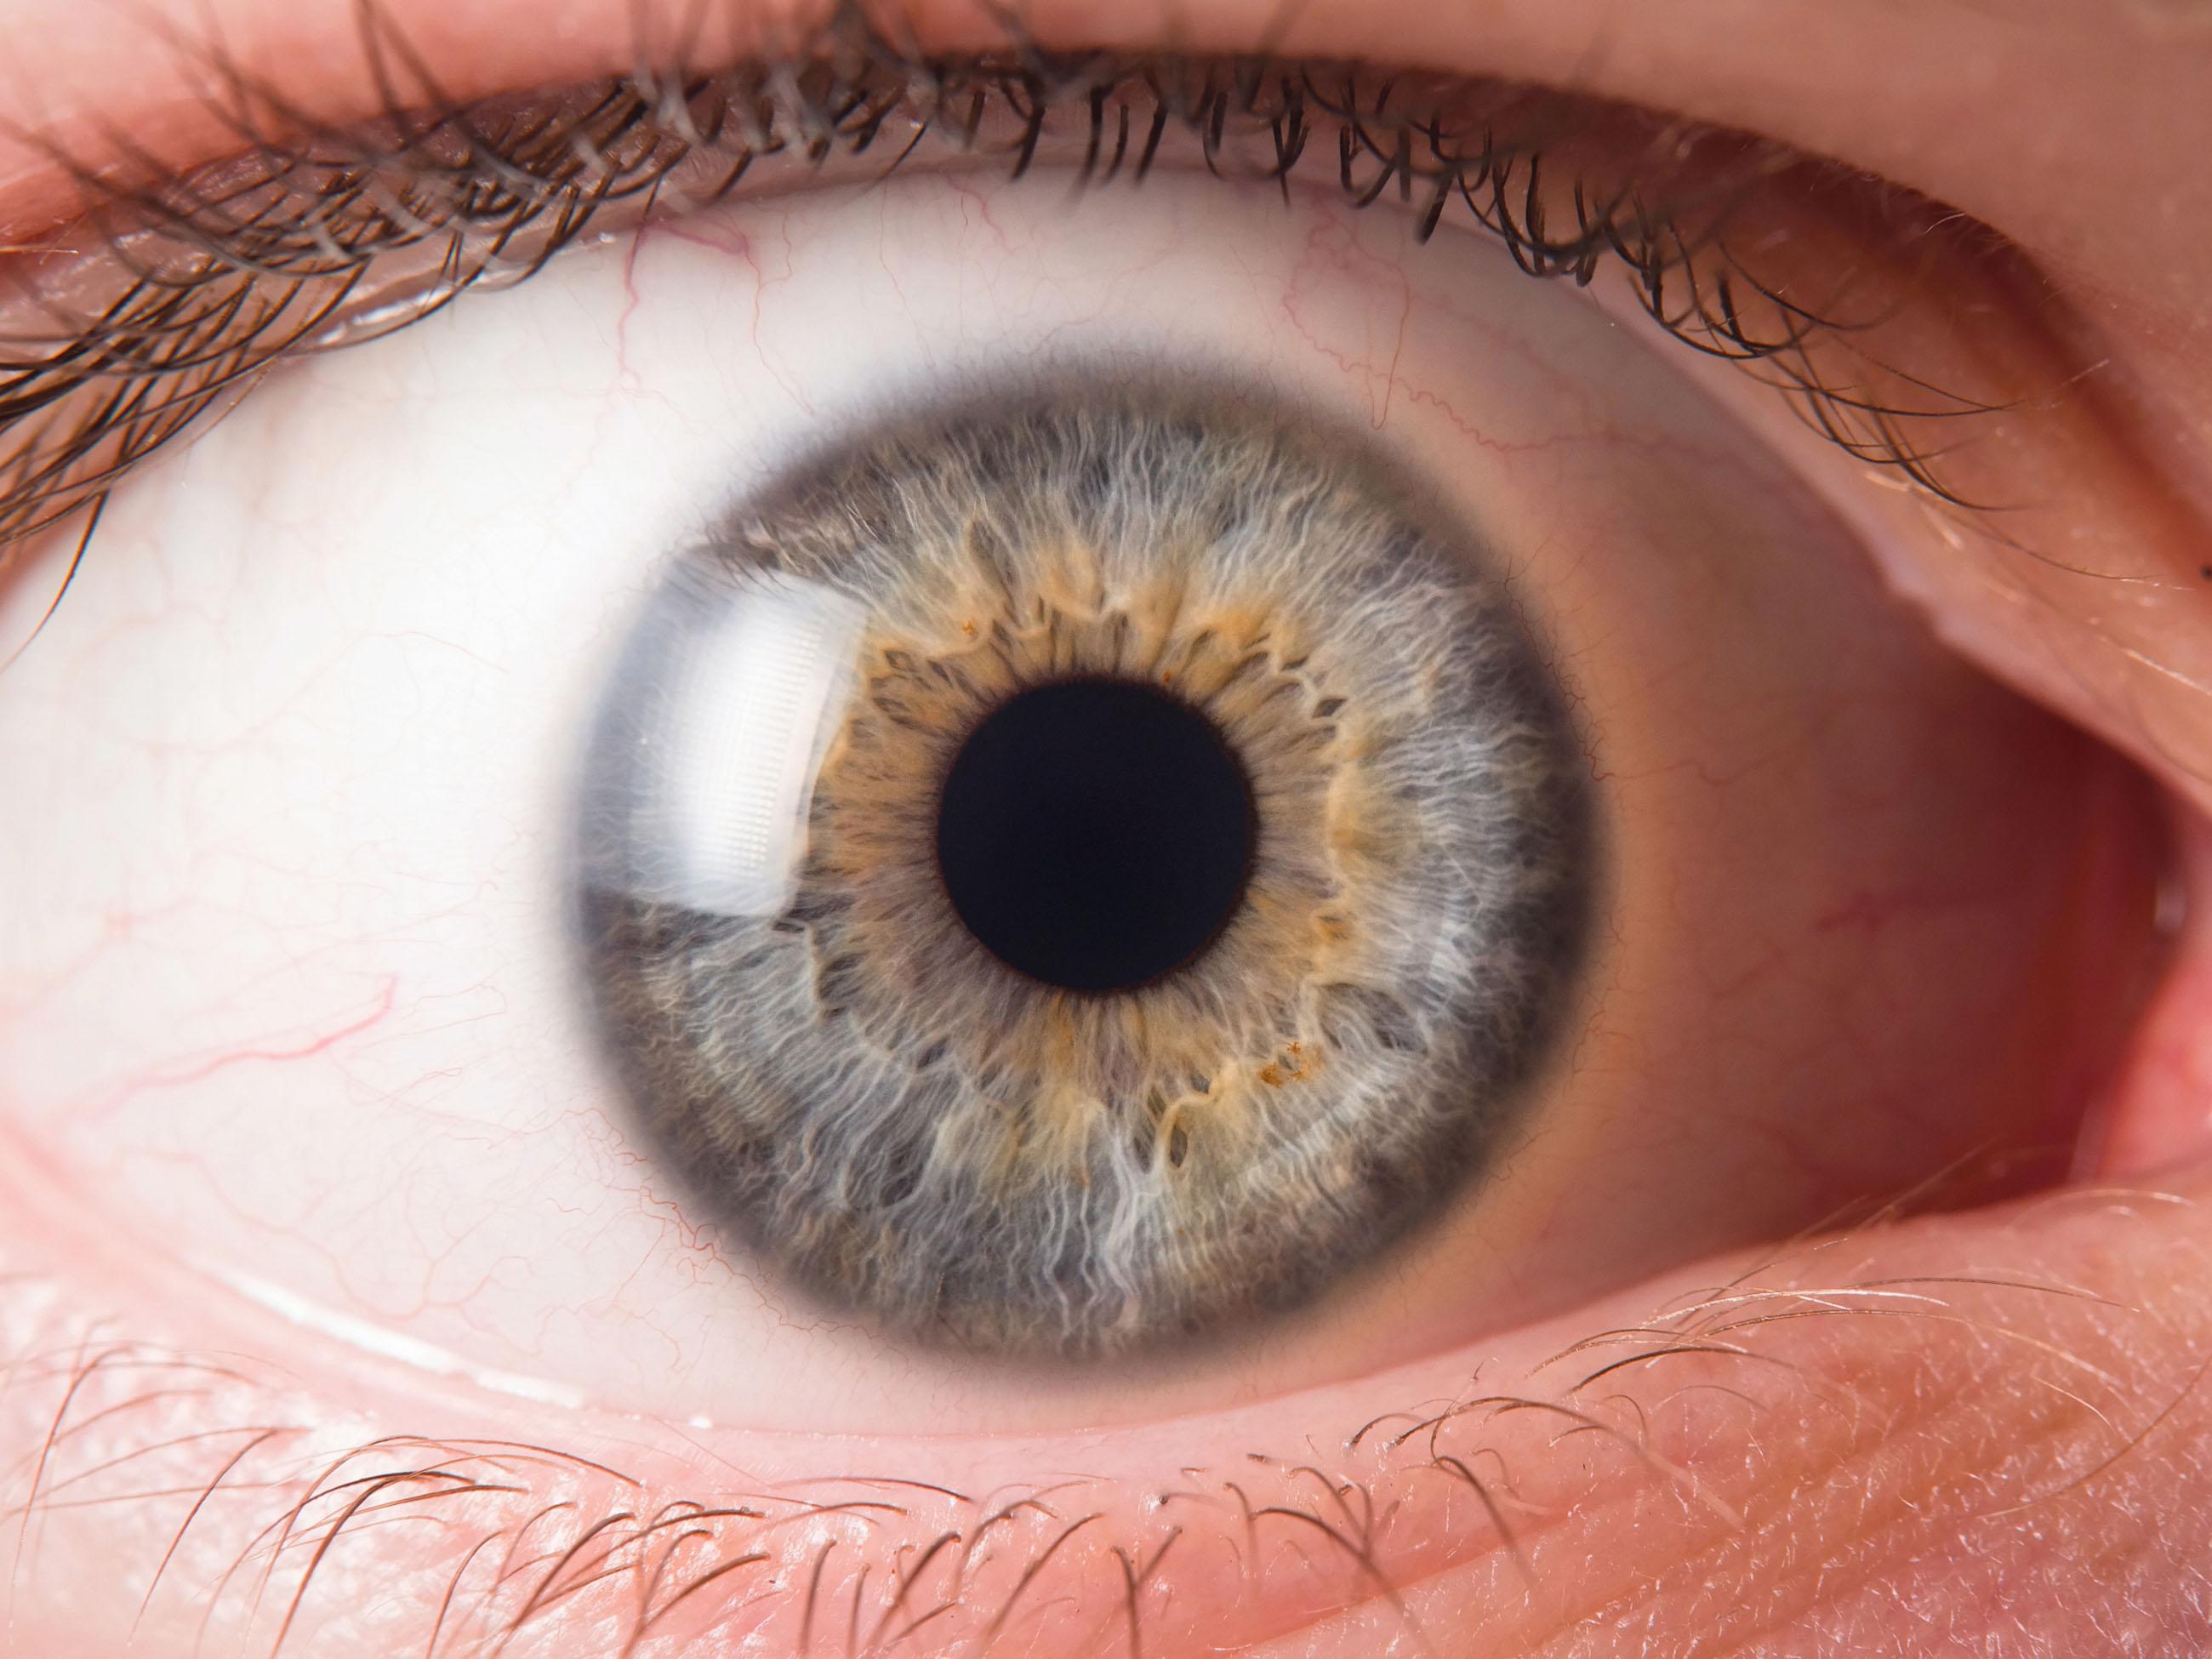 Primer plano de un ojo abierto de par en par con un iris de color verde azulado amarillento.